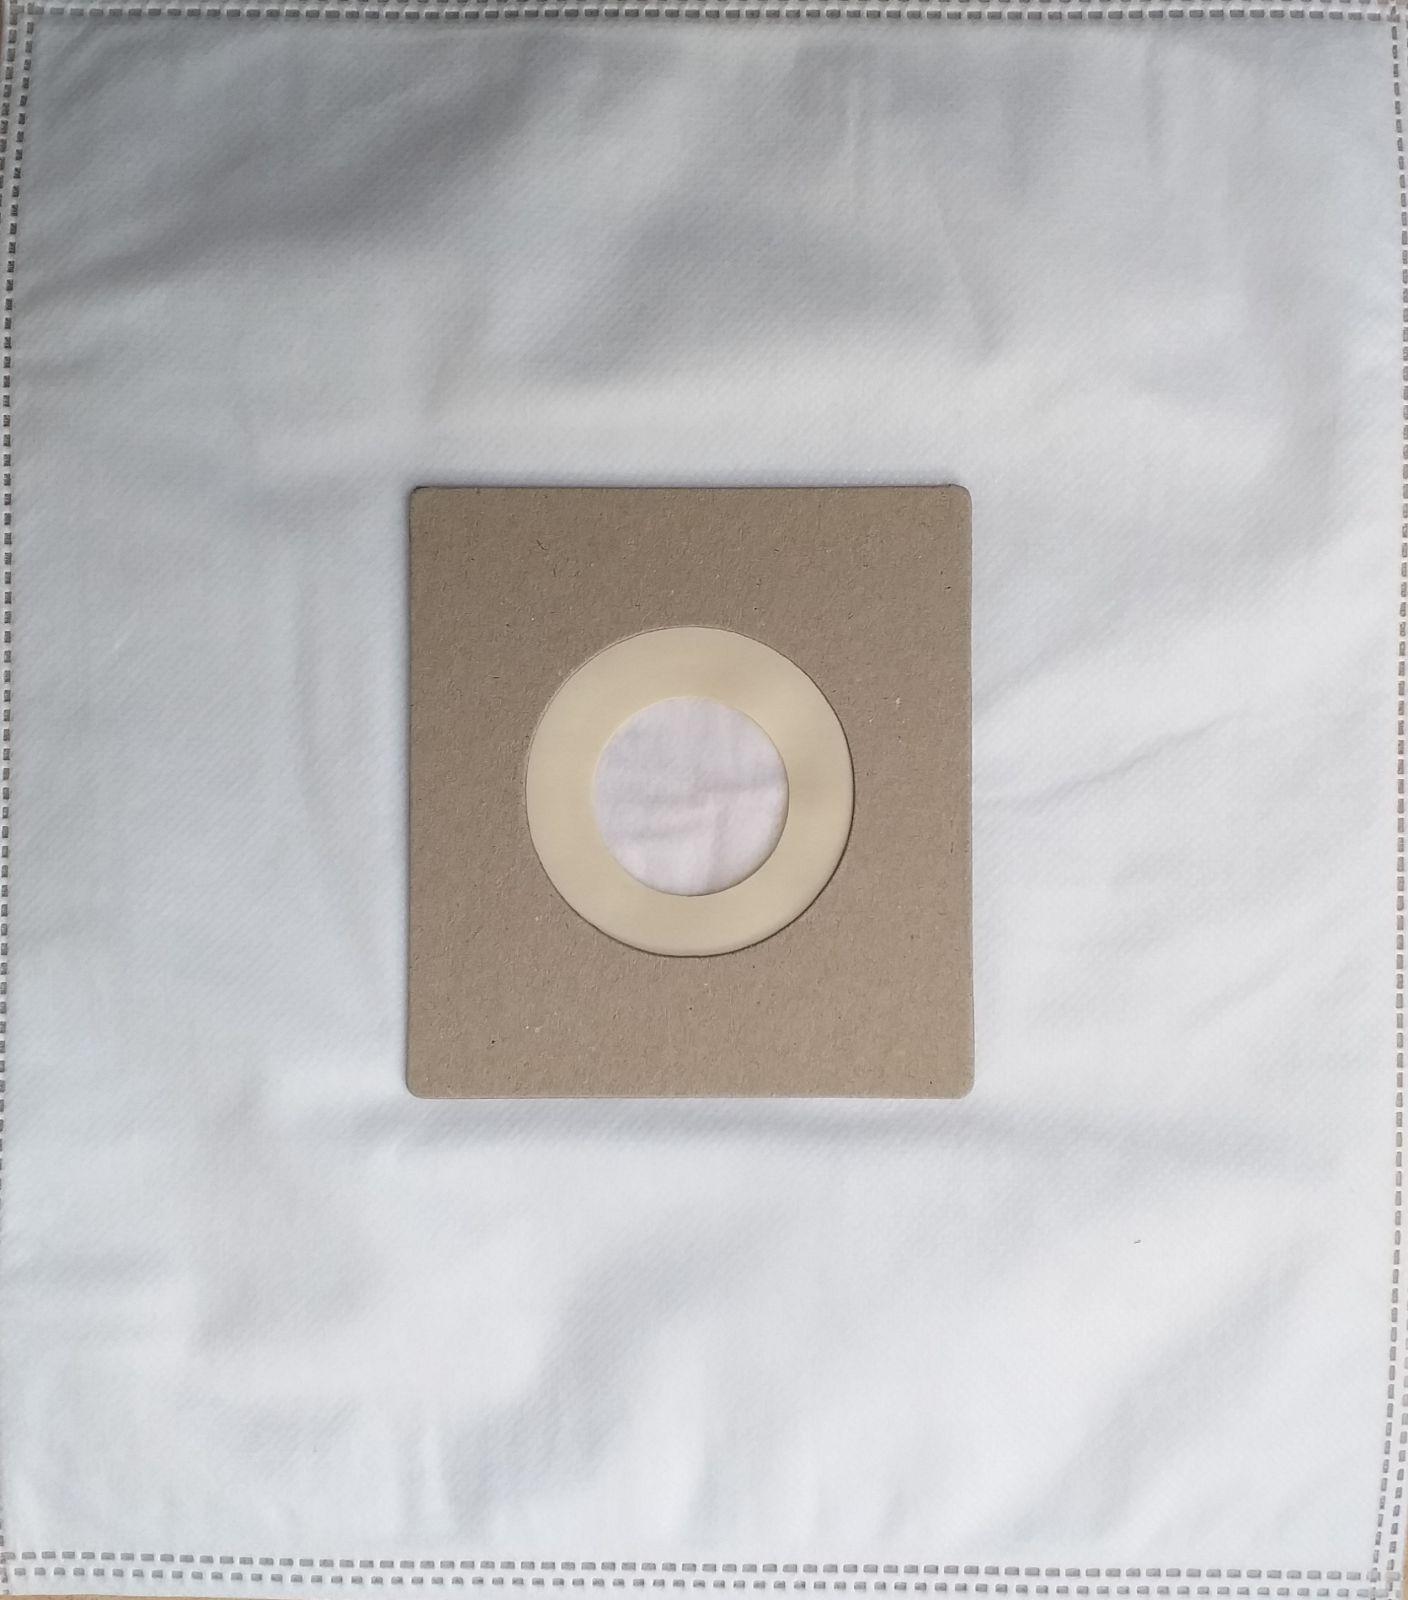 SENCOR SVC 682 VT SIXTO - textilní sáček HITCZ Filtrační sáčky s.r.o.